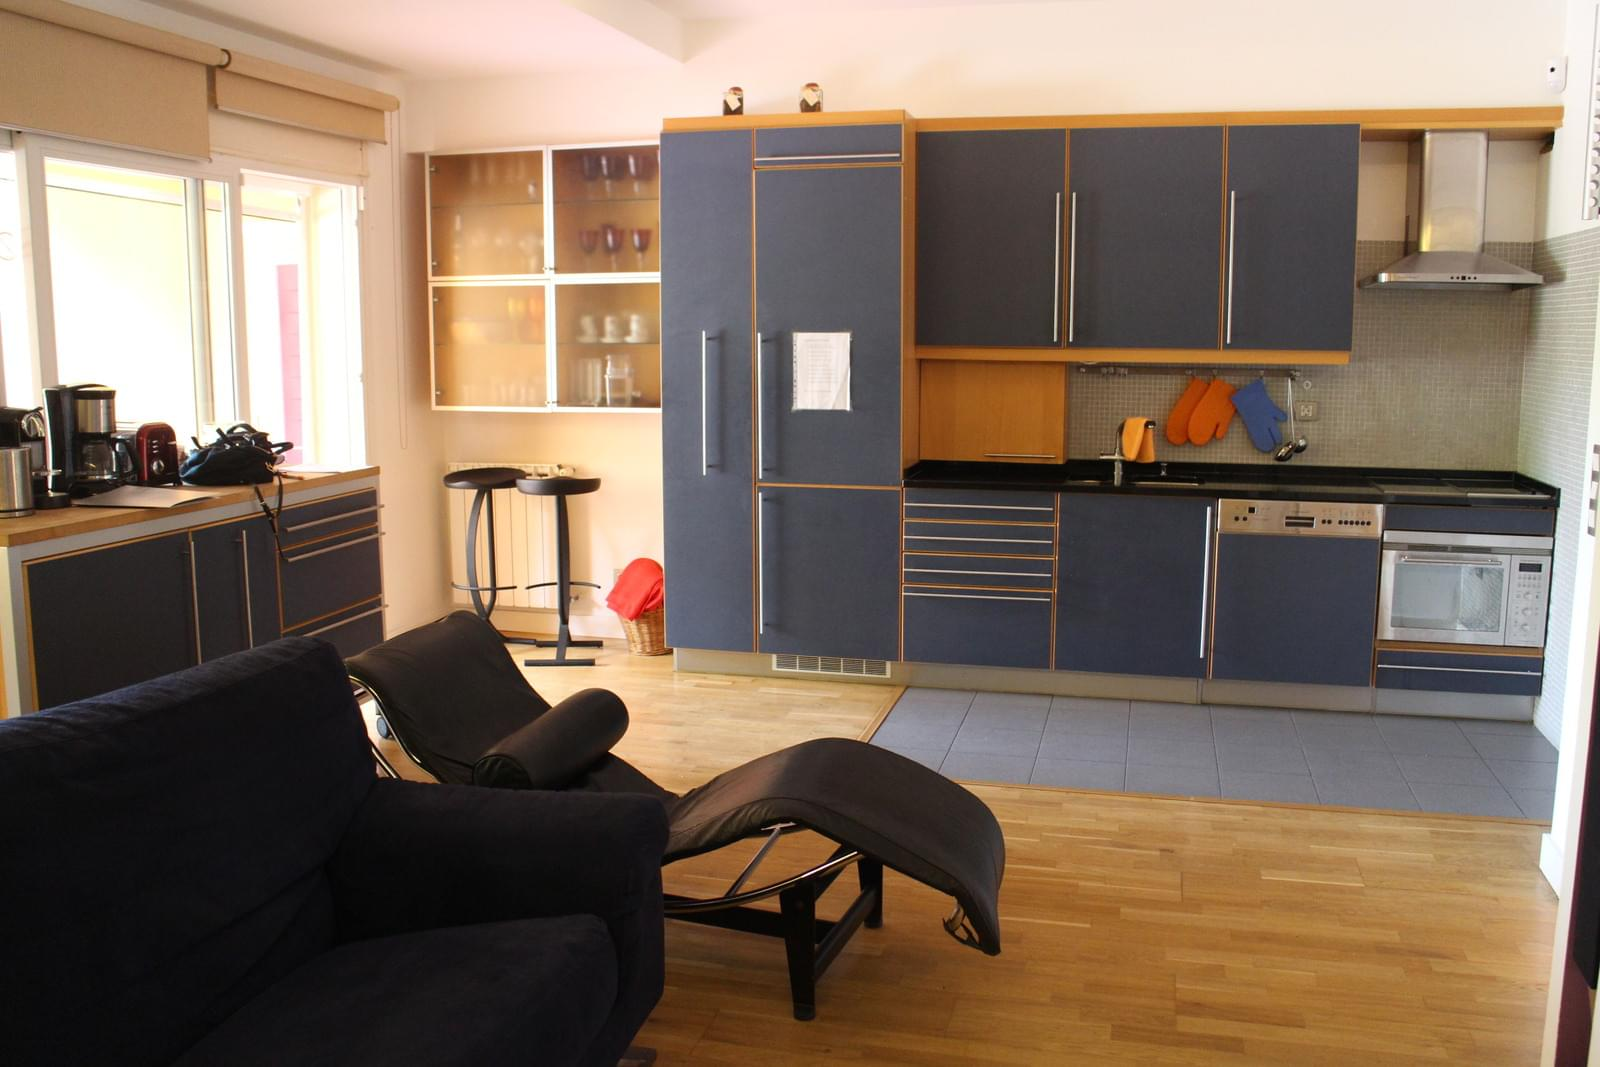 pf17538-apartamento-t2-cascais-61c15cbd-16cd-4ee3-976f-6a94cafc9d27